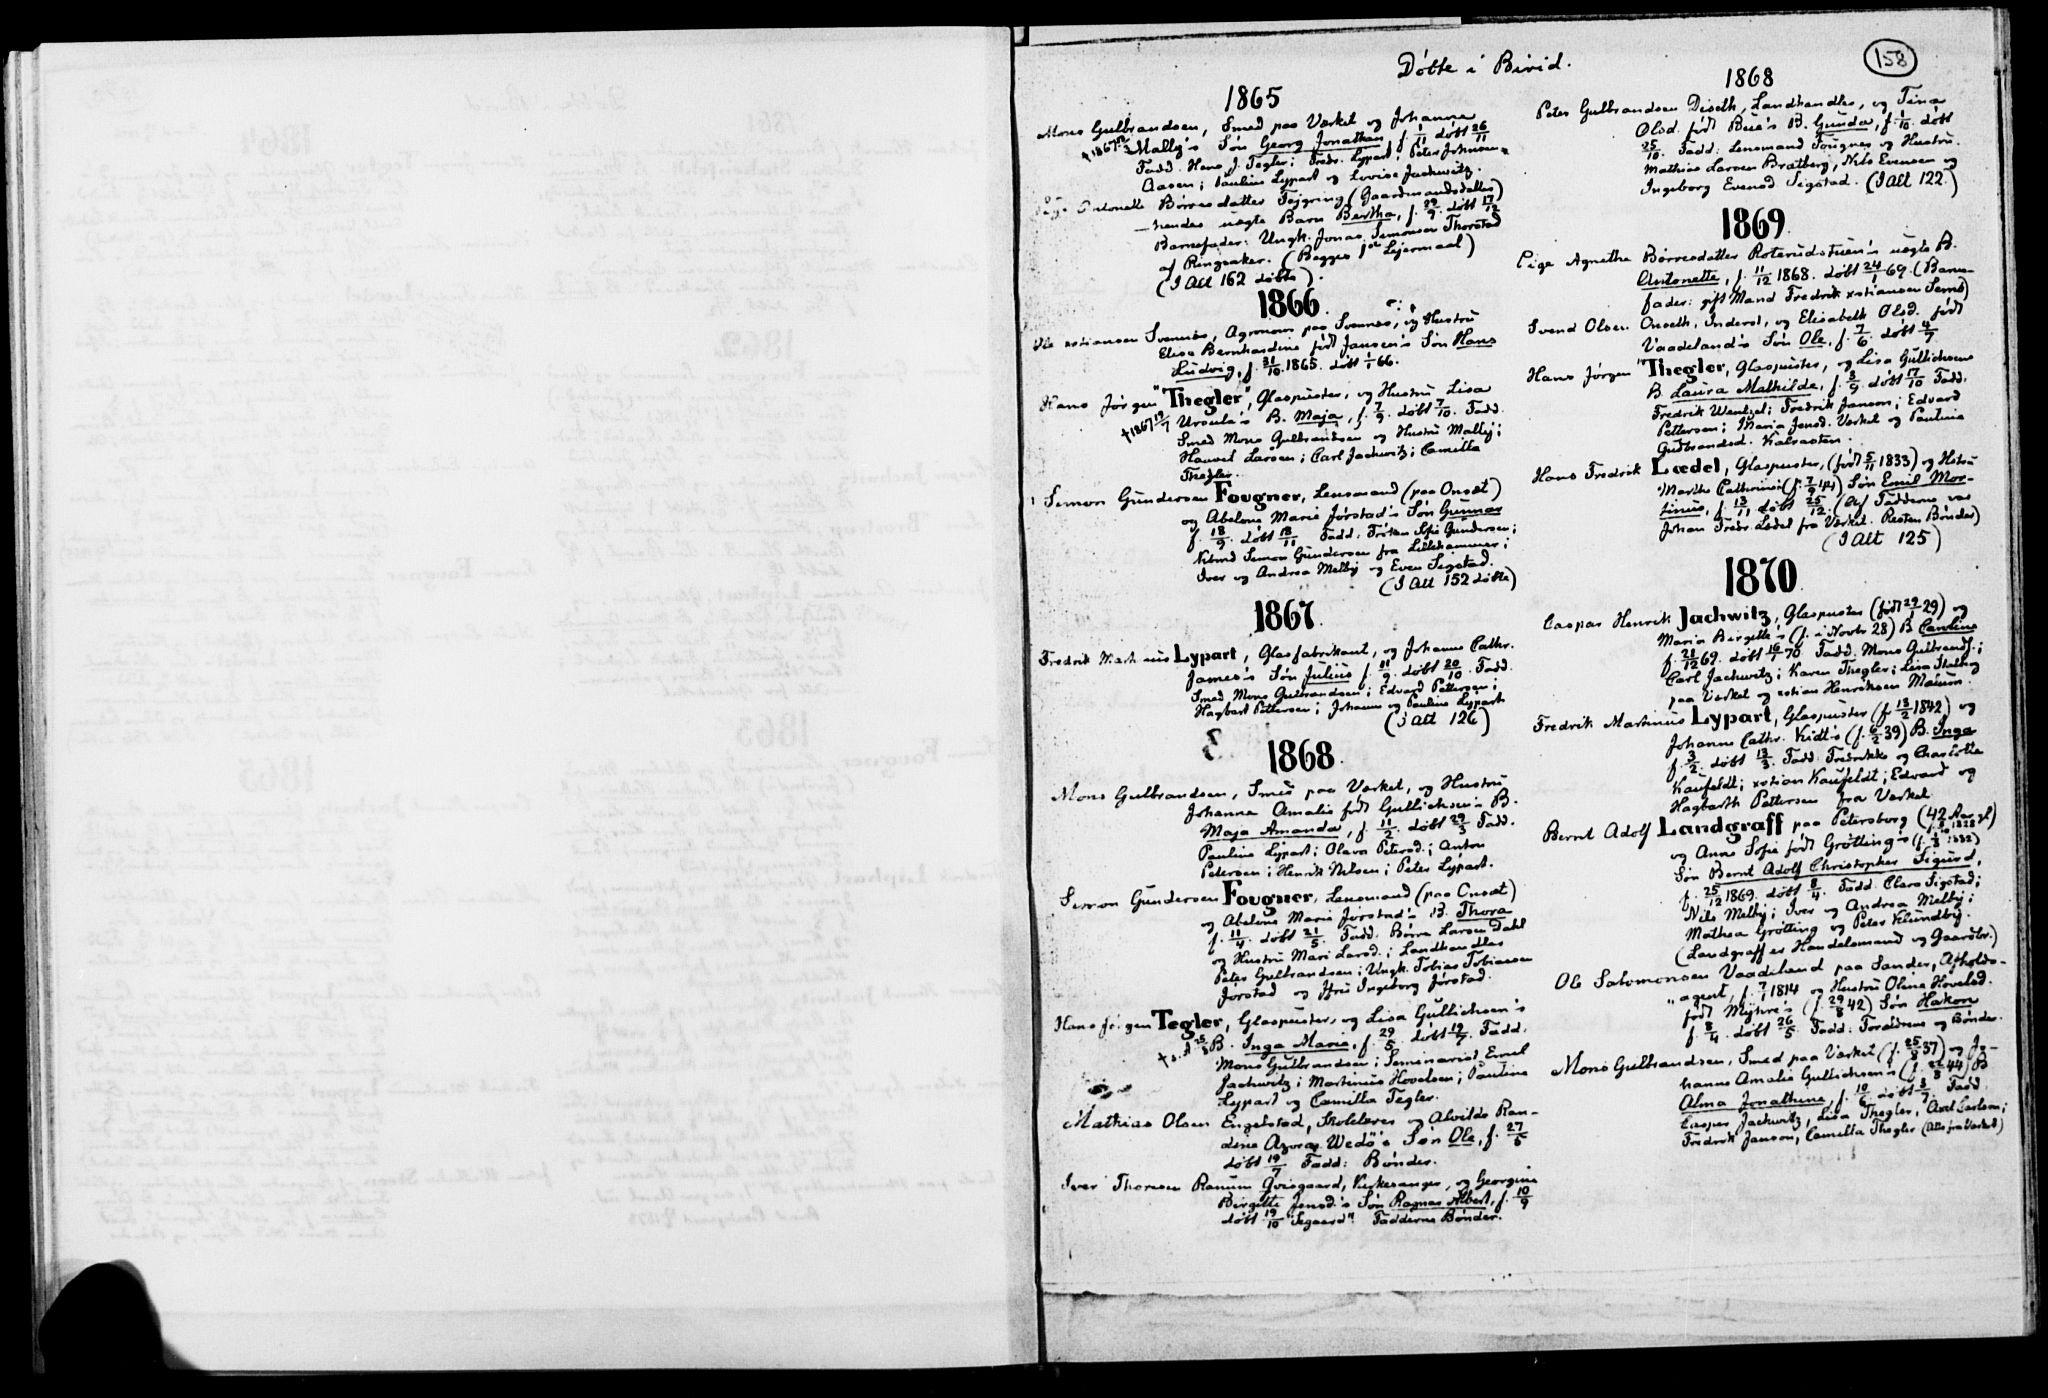 SAH, Biri prestekontor, Ministerialbok, 1730-1879, s. 158